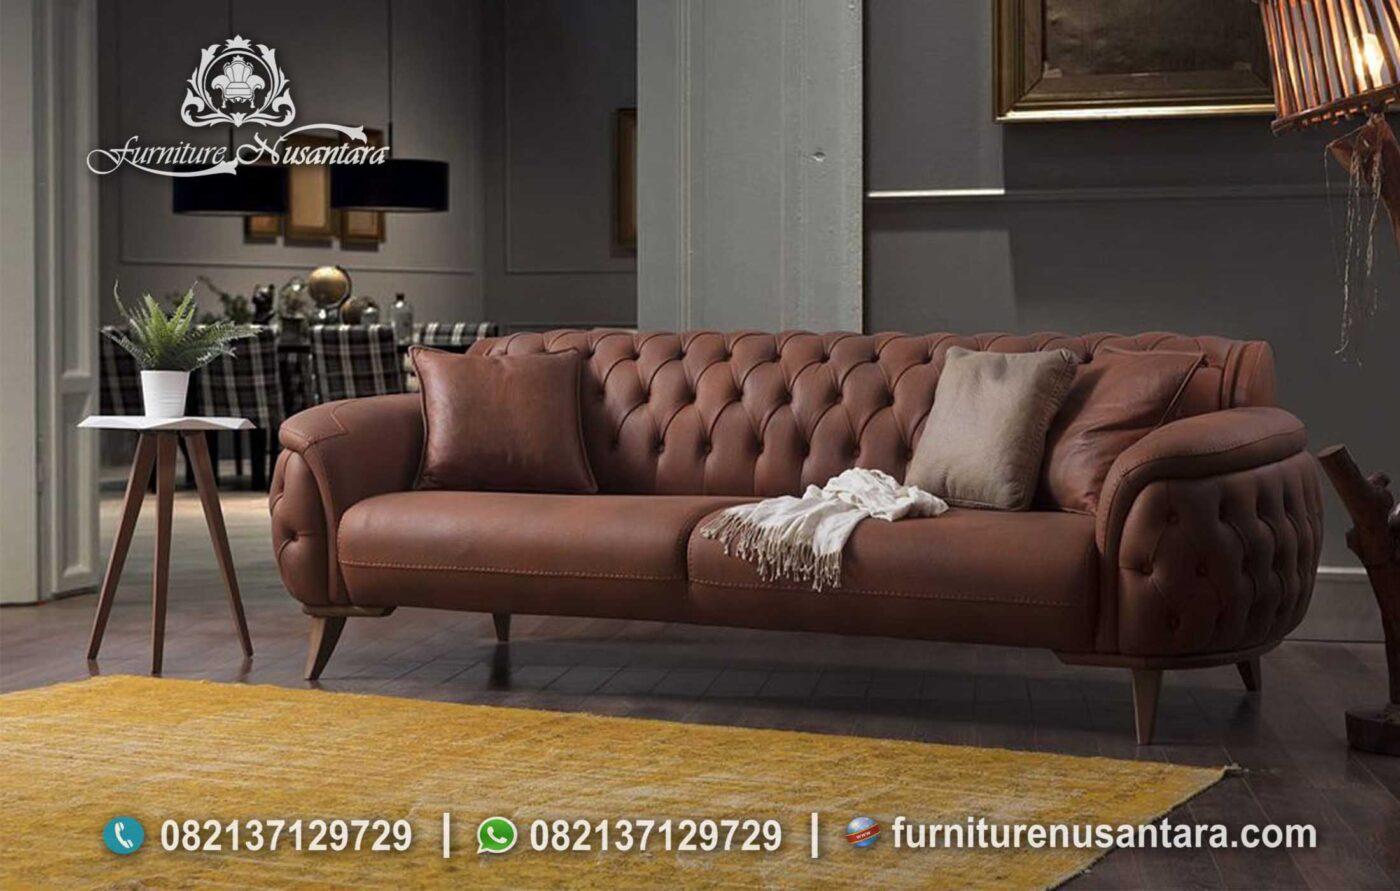 Jual Sofa Tamu Warna Coklat Susu ST-67, Furniture Nusantara